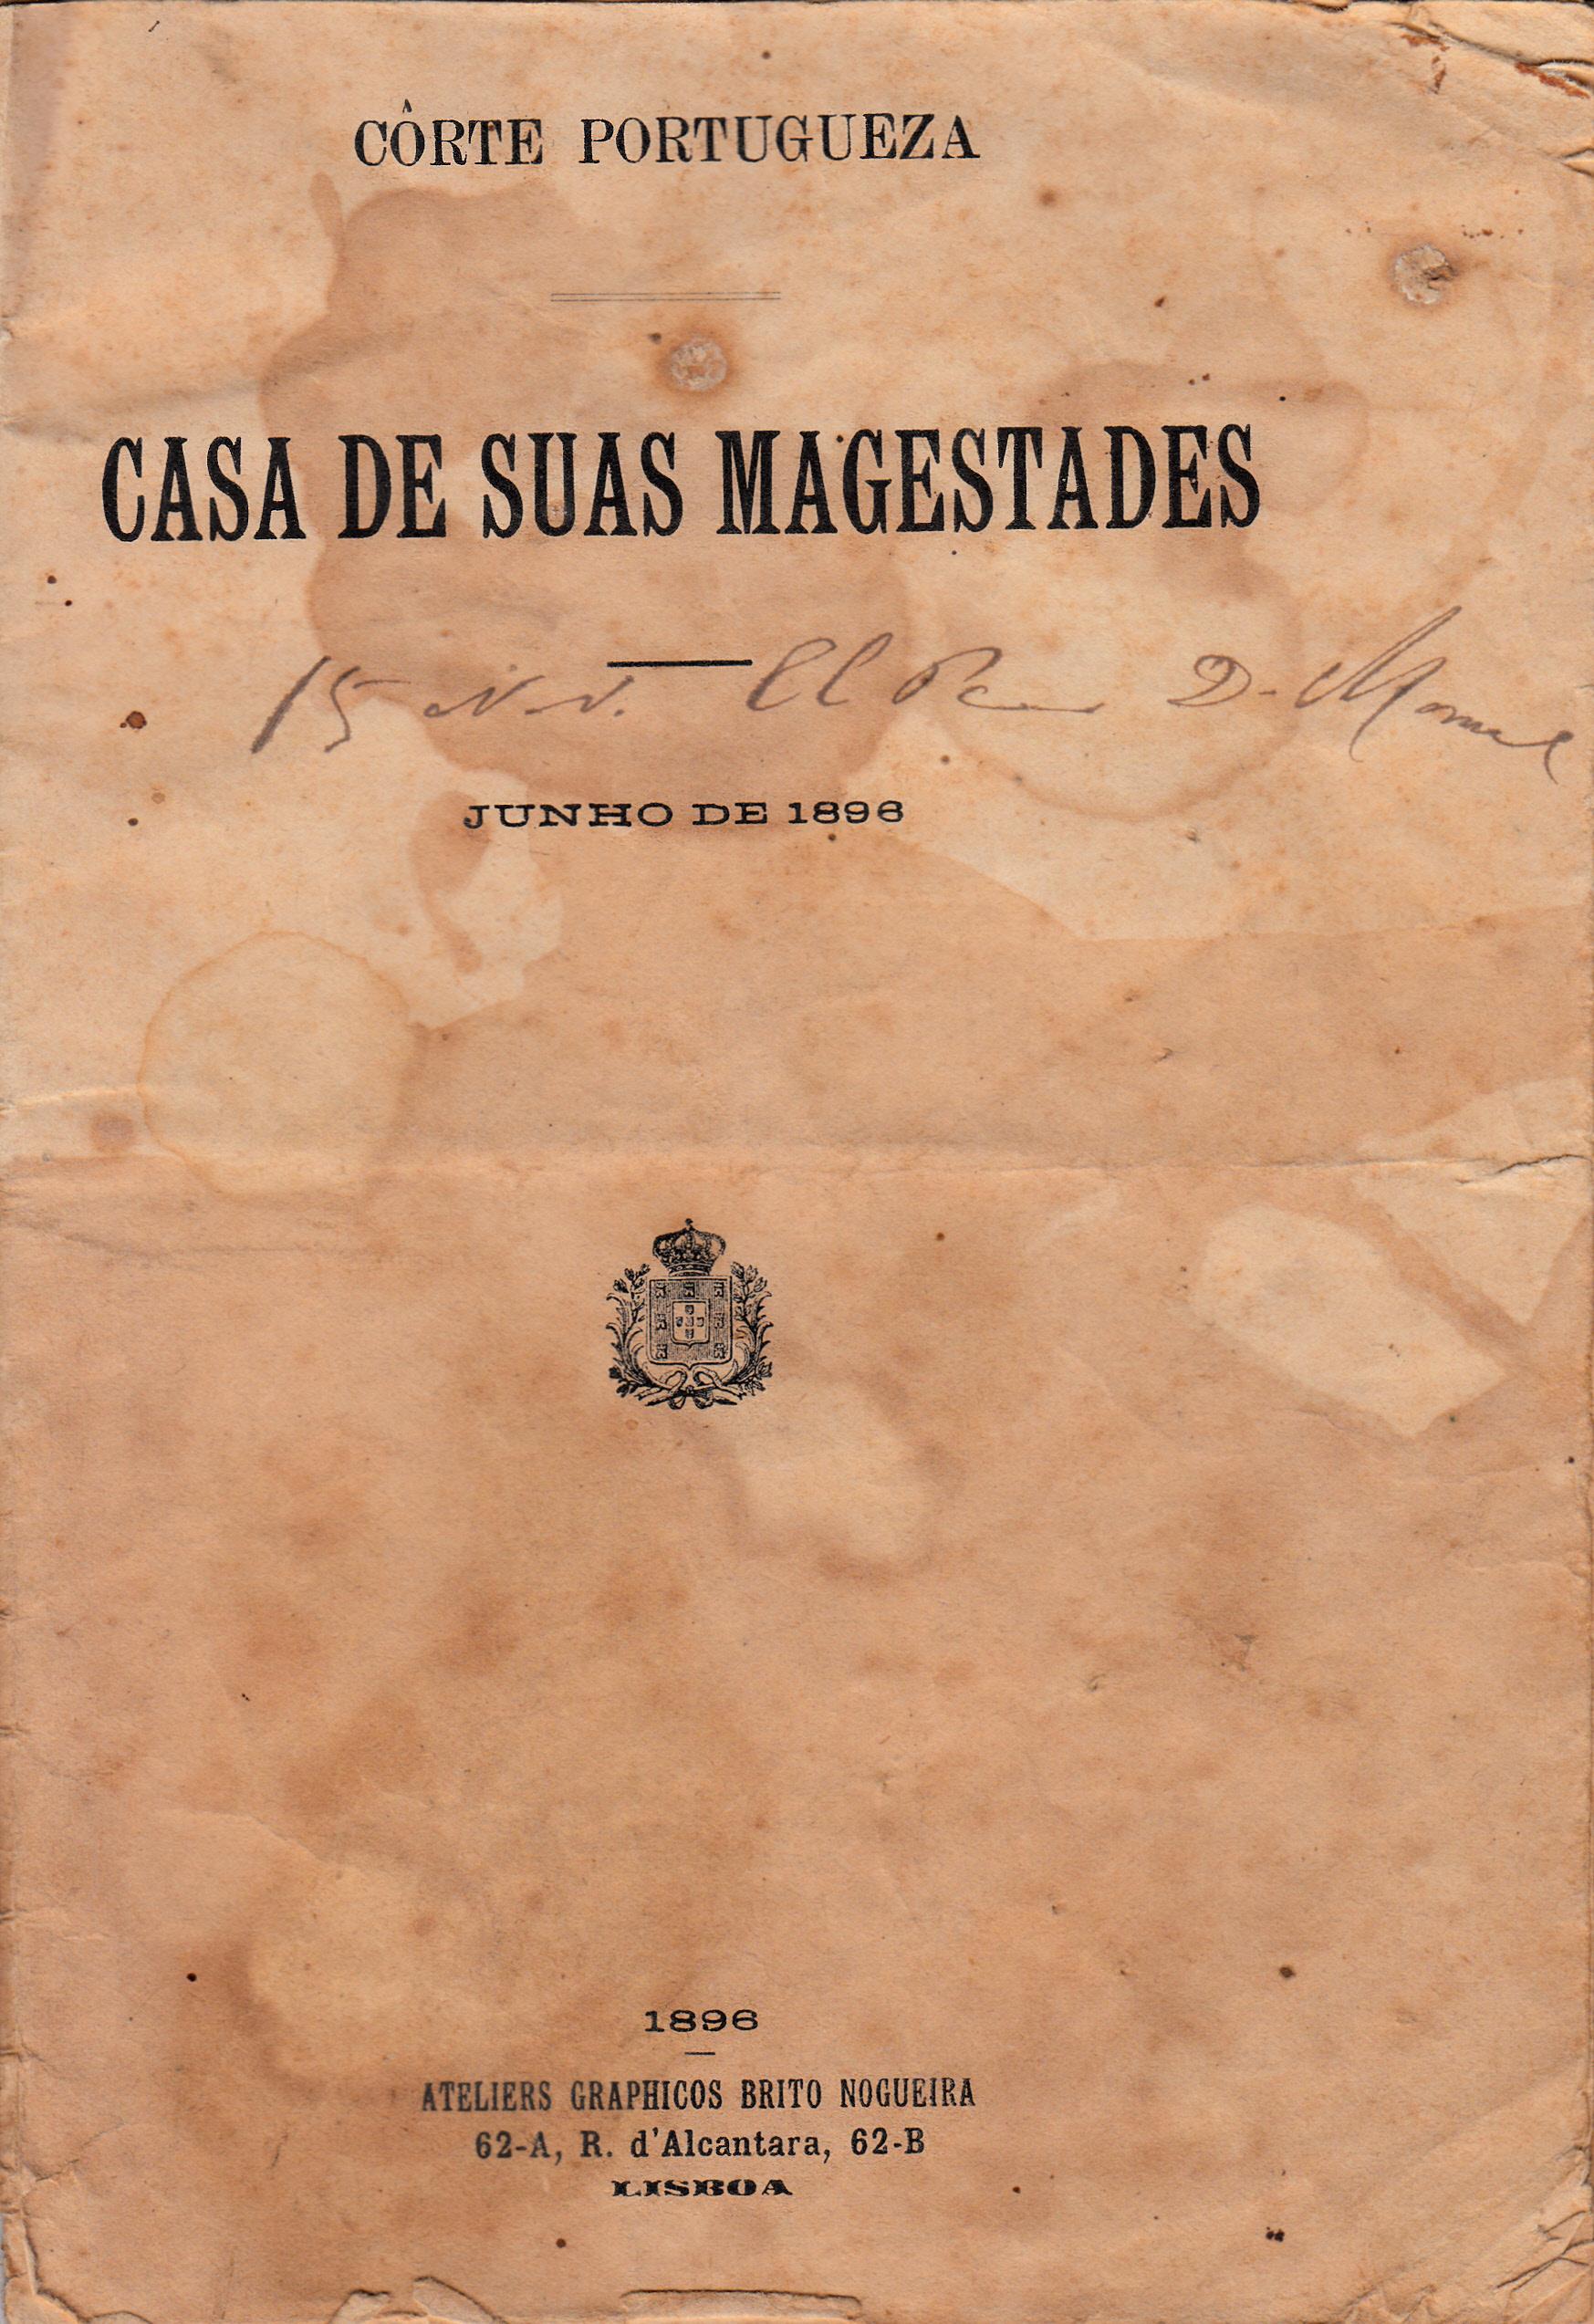 Corte_Portuguesa_1896